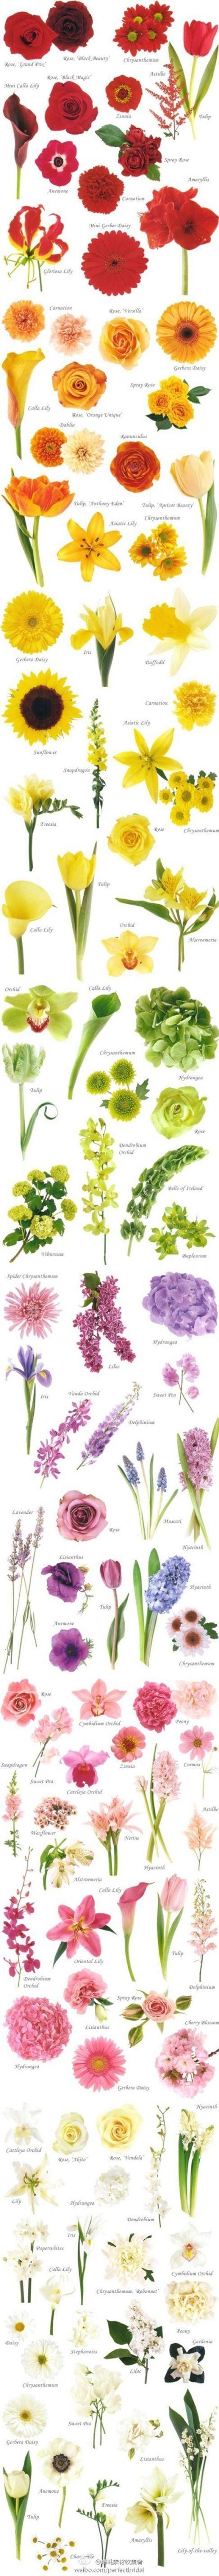 Flores De Todas As Cores